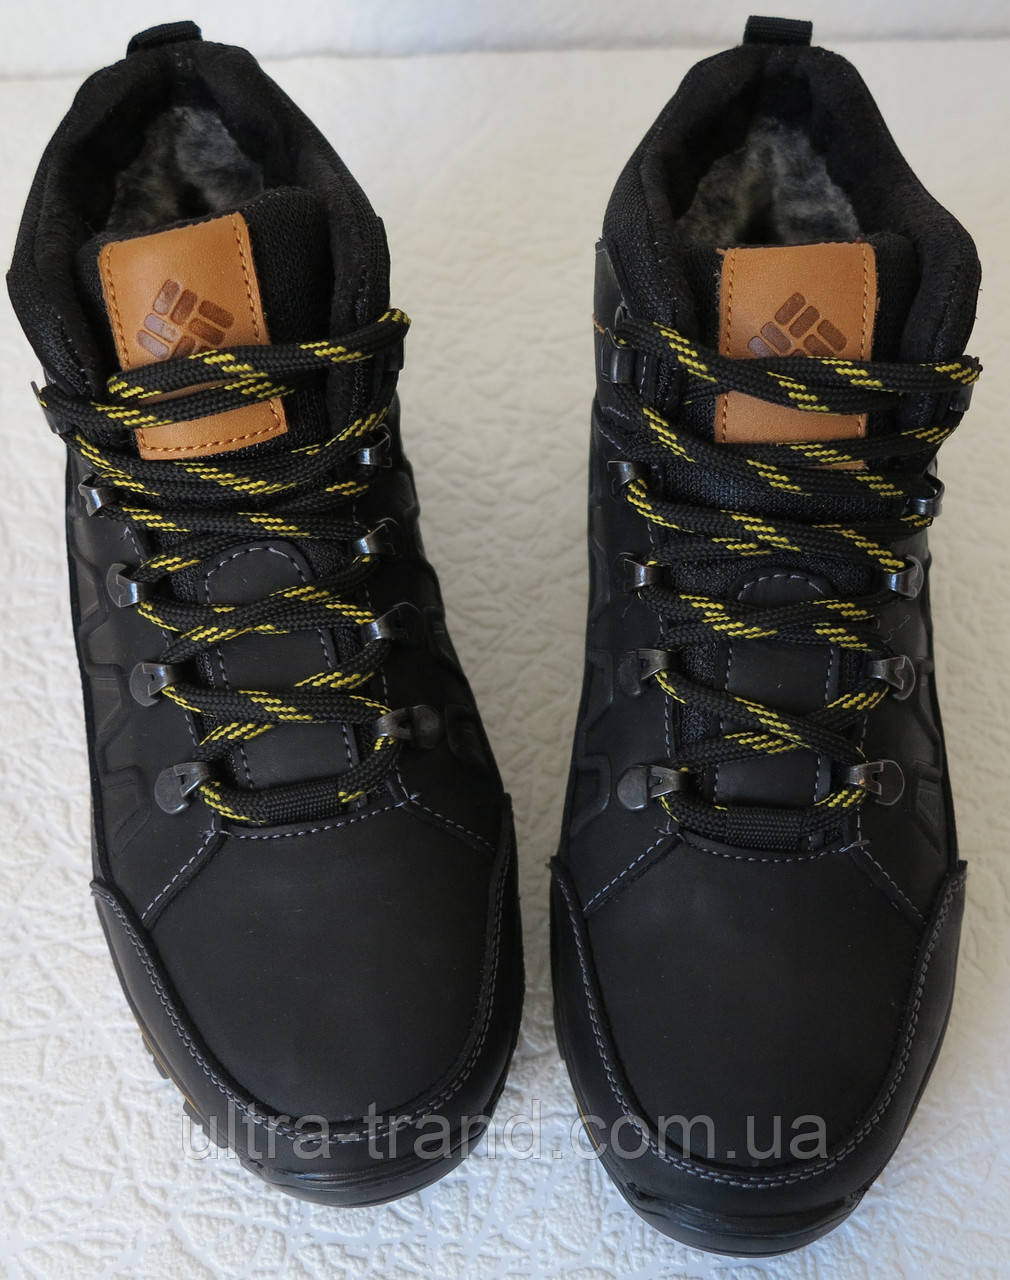 d9f6af418ceb ... Columbia детские подростковые кожаные зимние ботинки с мехом реплика  Коламбия синие, фото 7